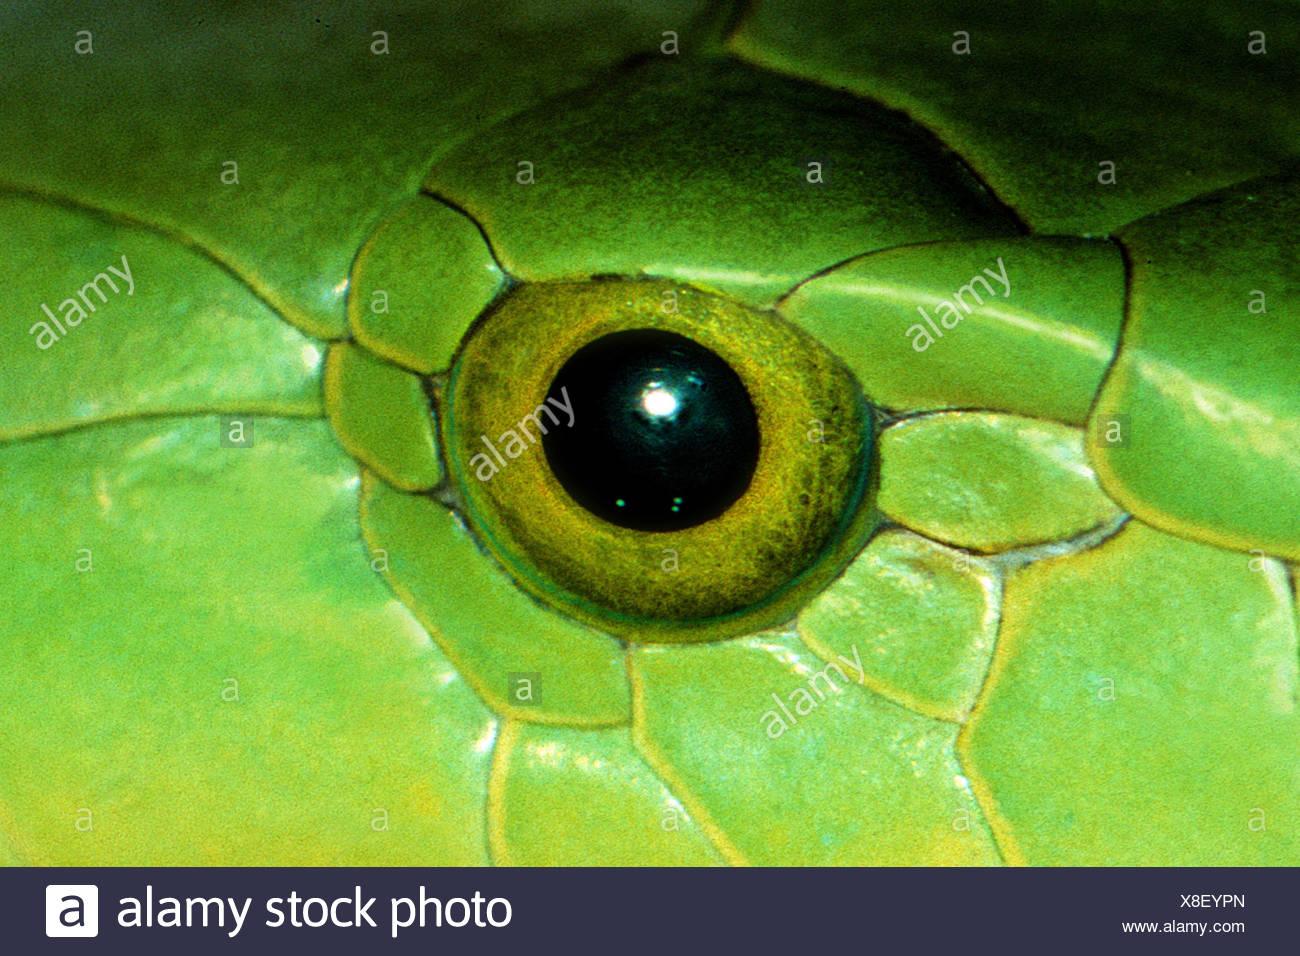 Snake eye Stockbild